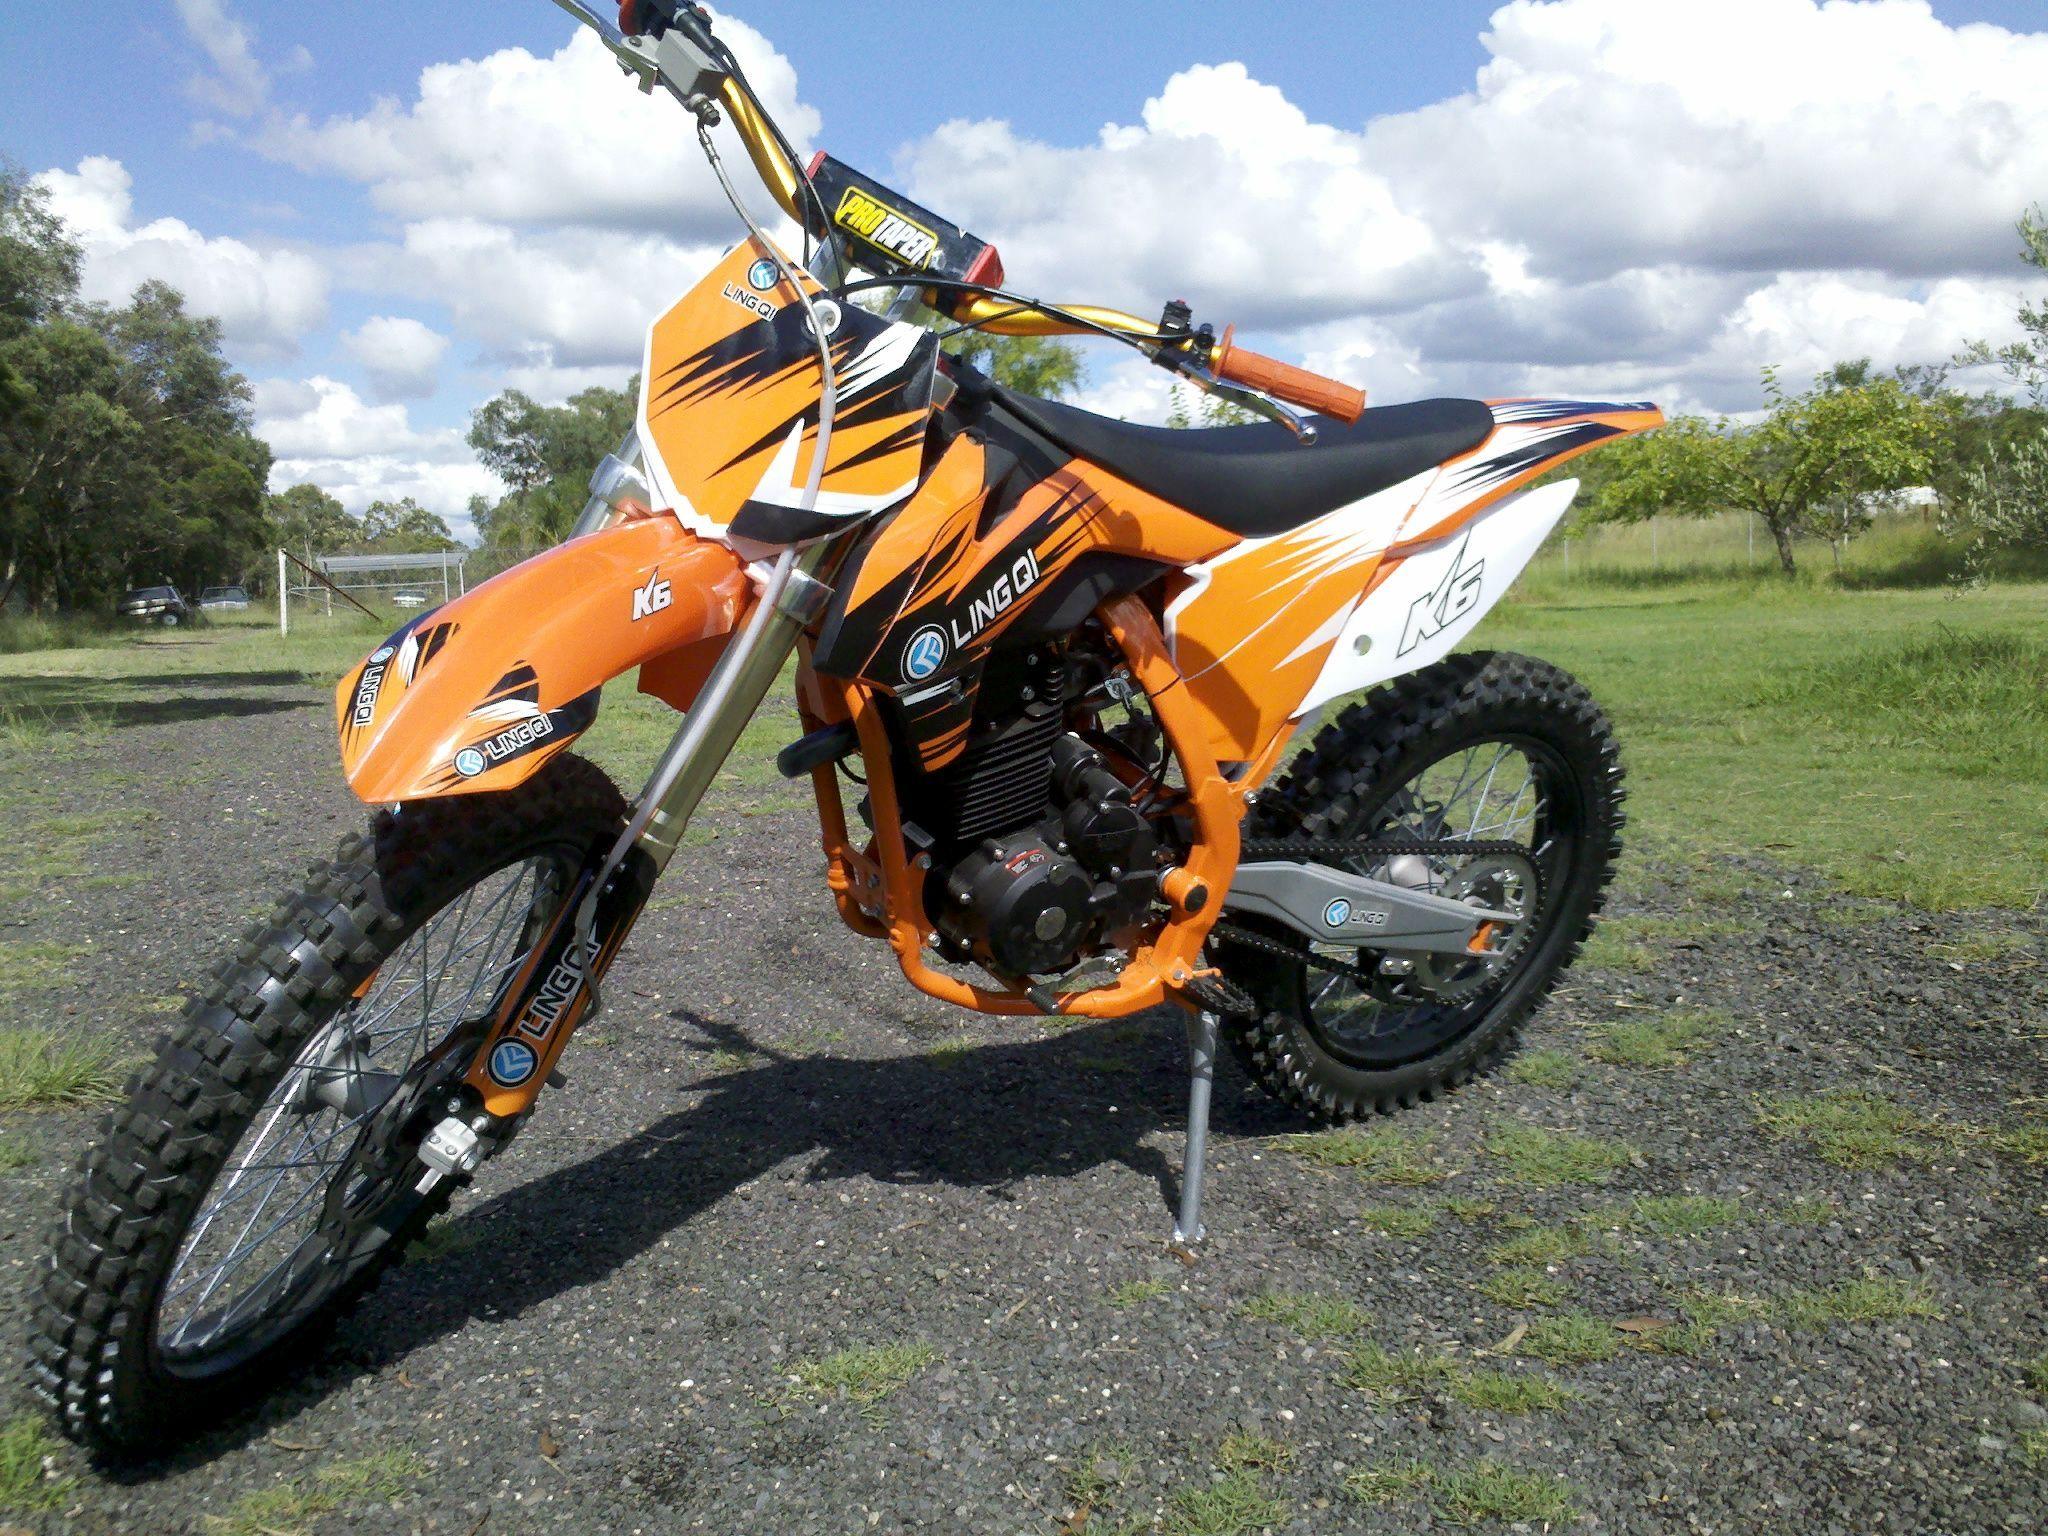 Sydneyatvsdirtbikes Bike Dirt Bikes 250cc